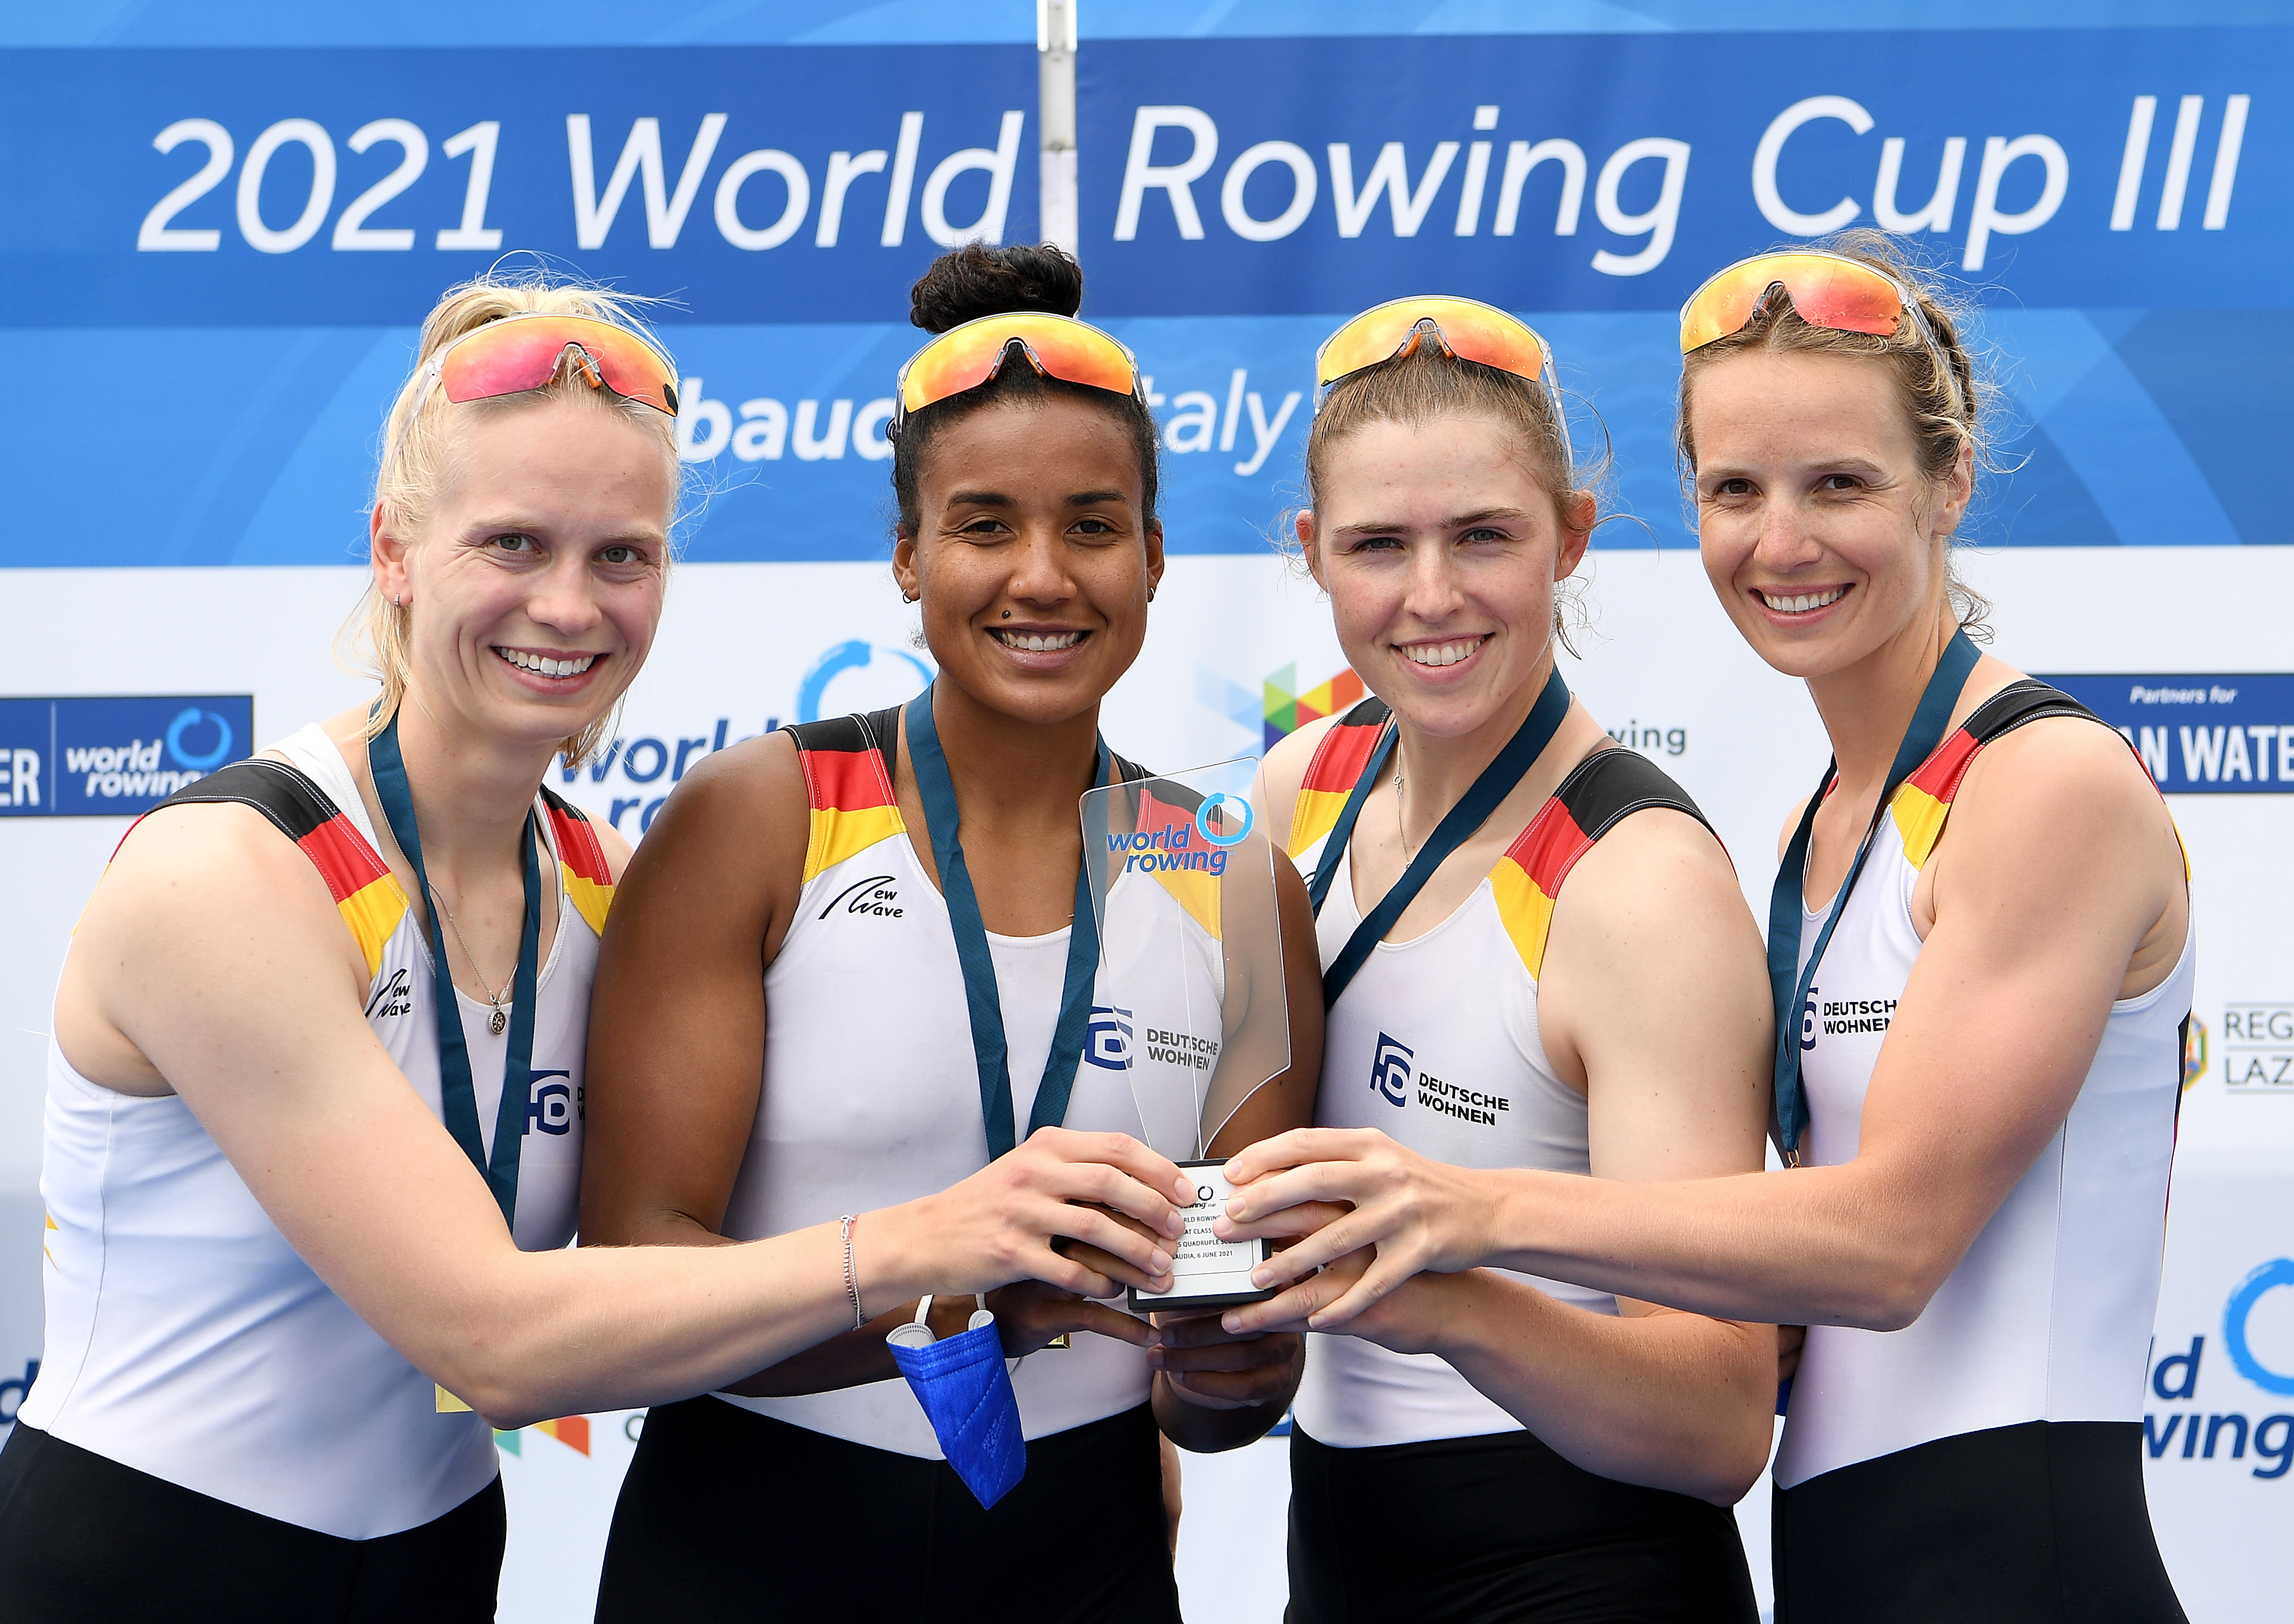 Pokal für den Weltcup-Gesamtsieg des Frauen-Doppelvierers beim Weltcup III in Sabaudia (Italien) vom 4. bis 6. Juni 2021